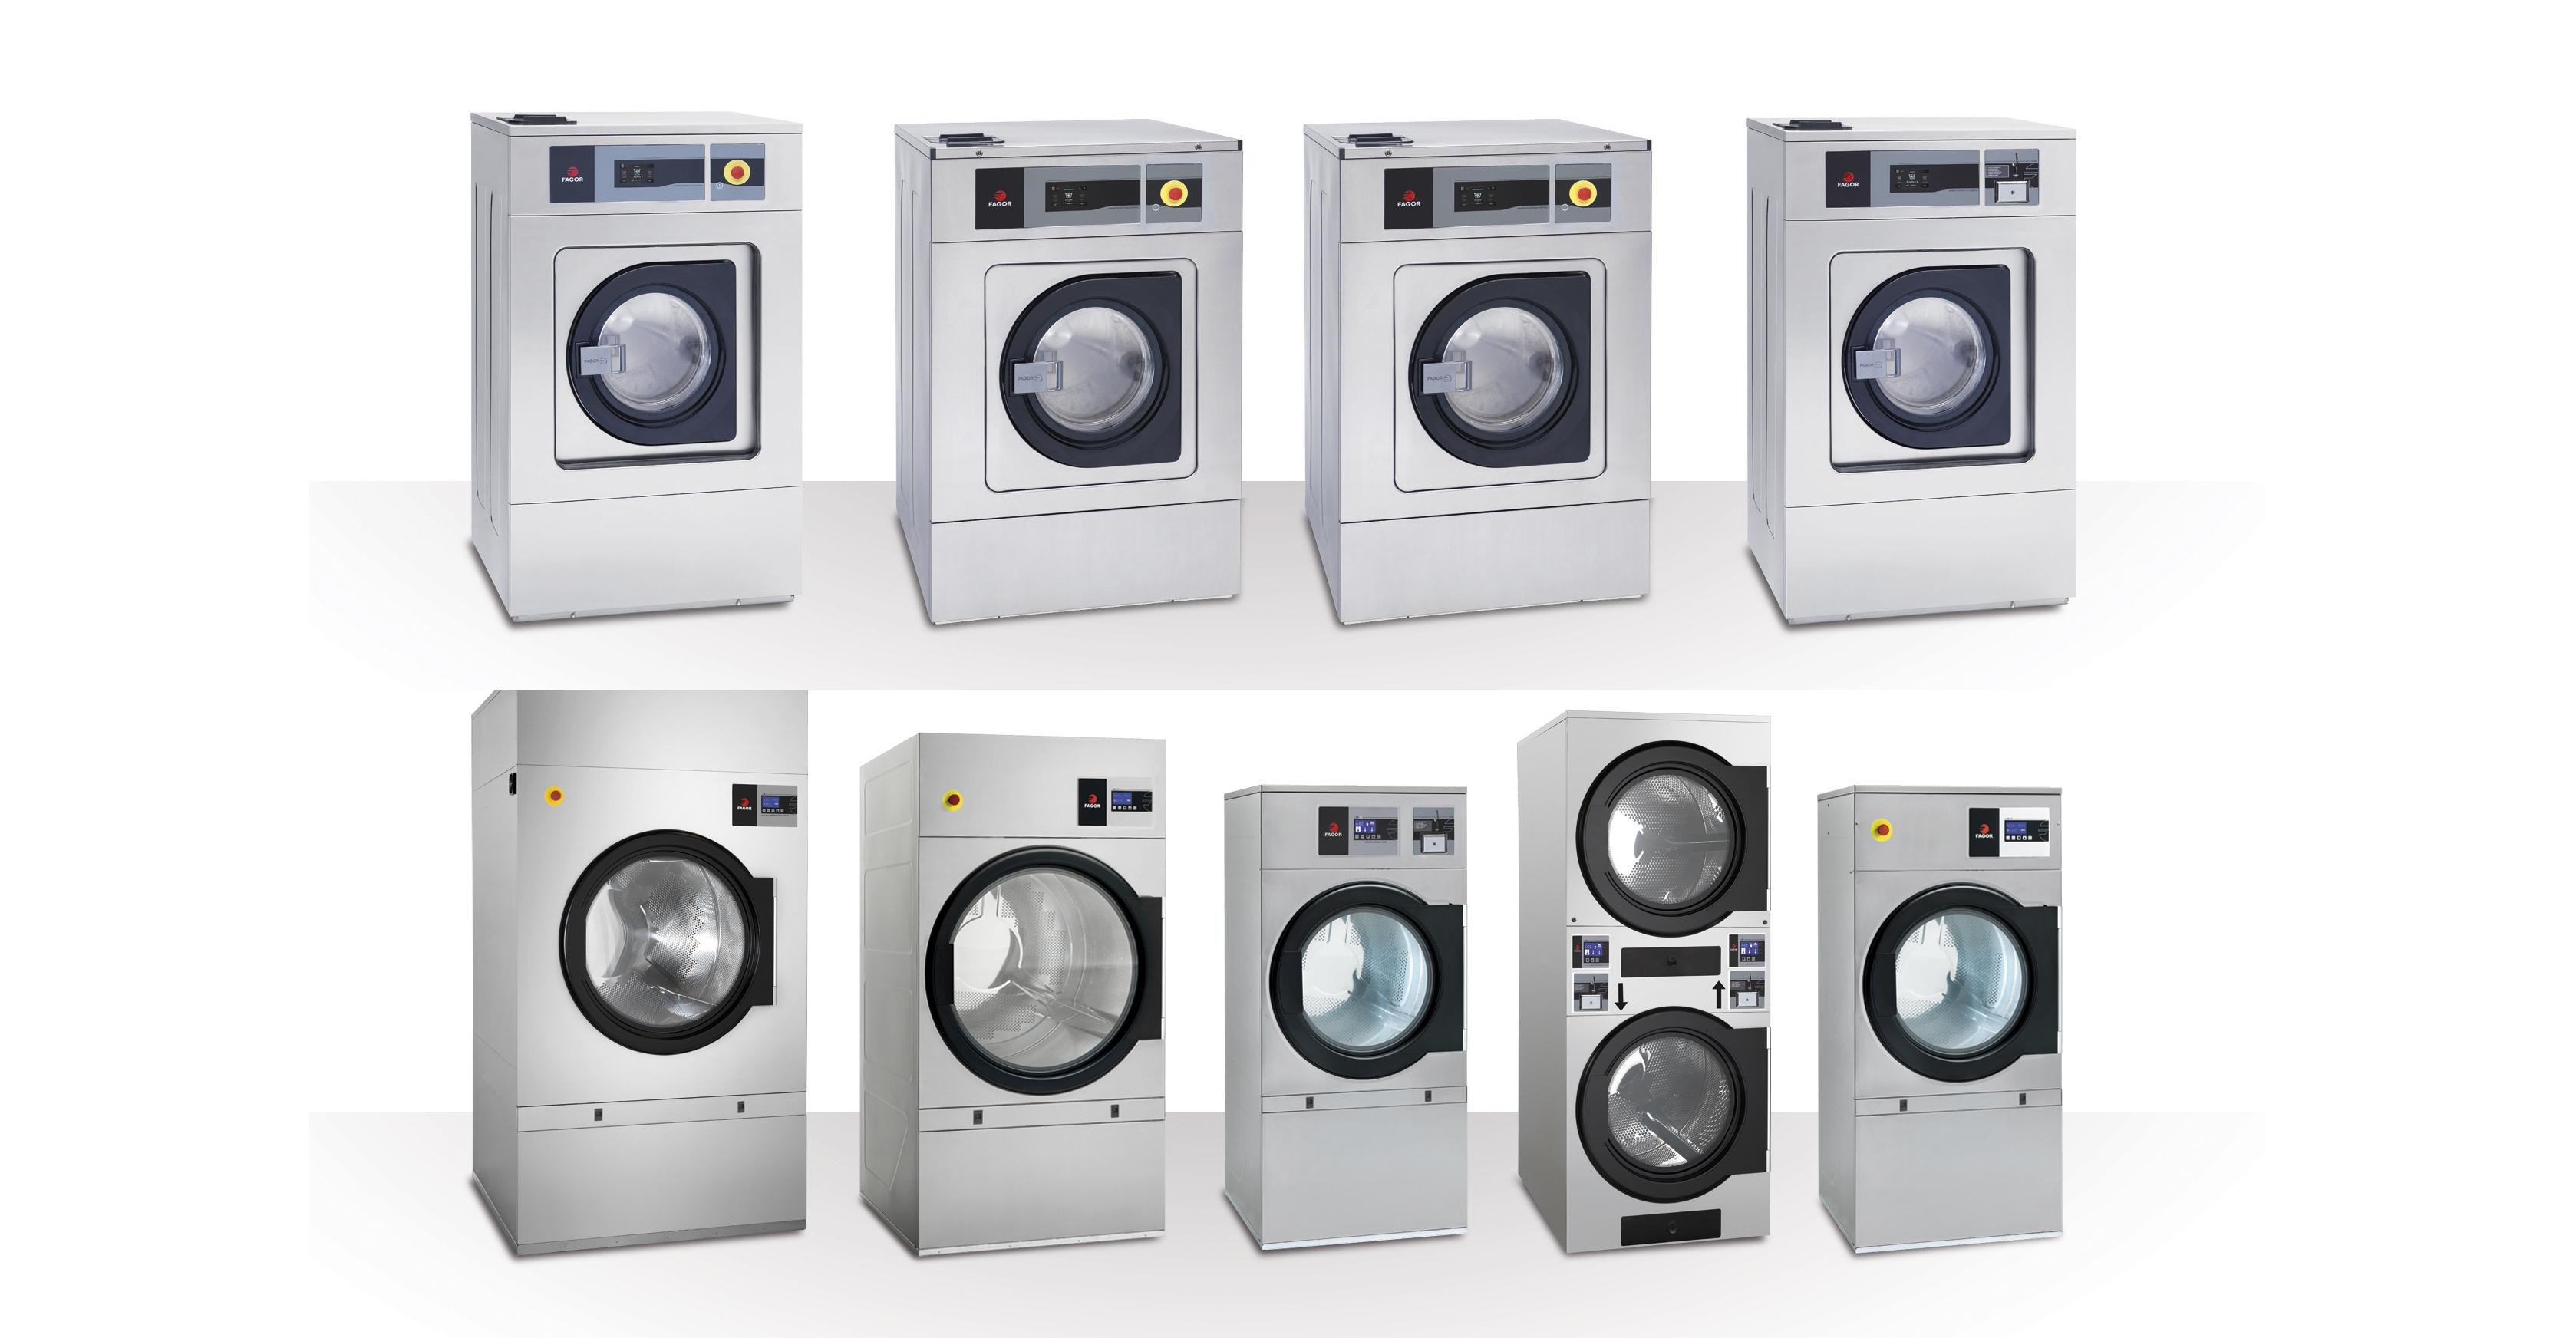 Nuevas lavadoras y secadoras de Fagor Industrial